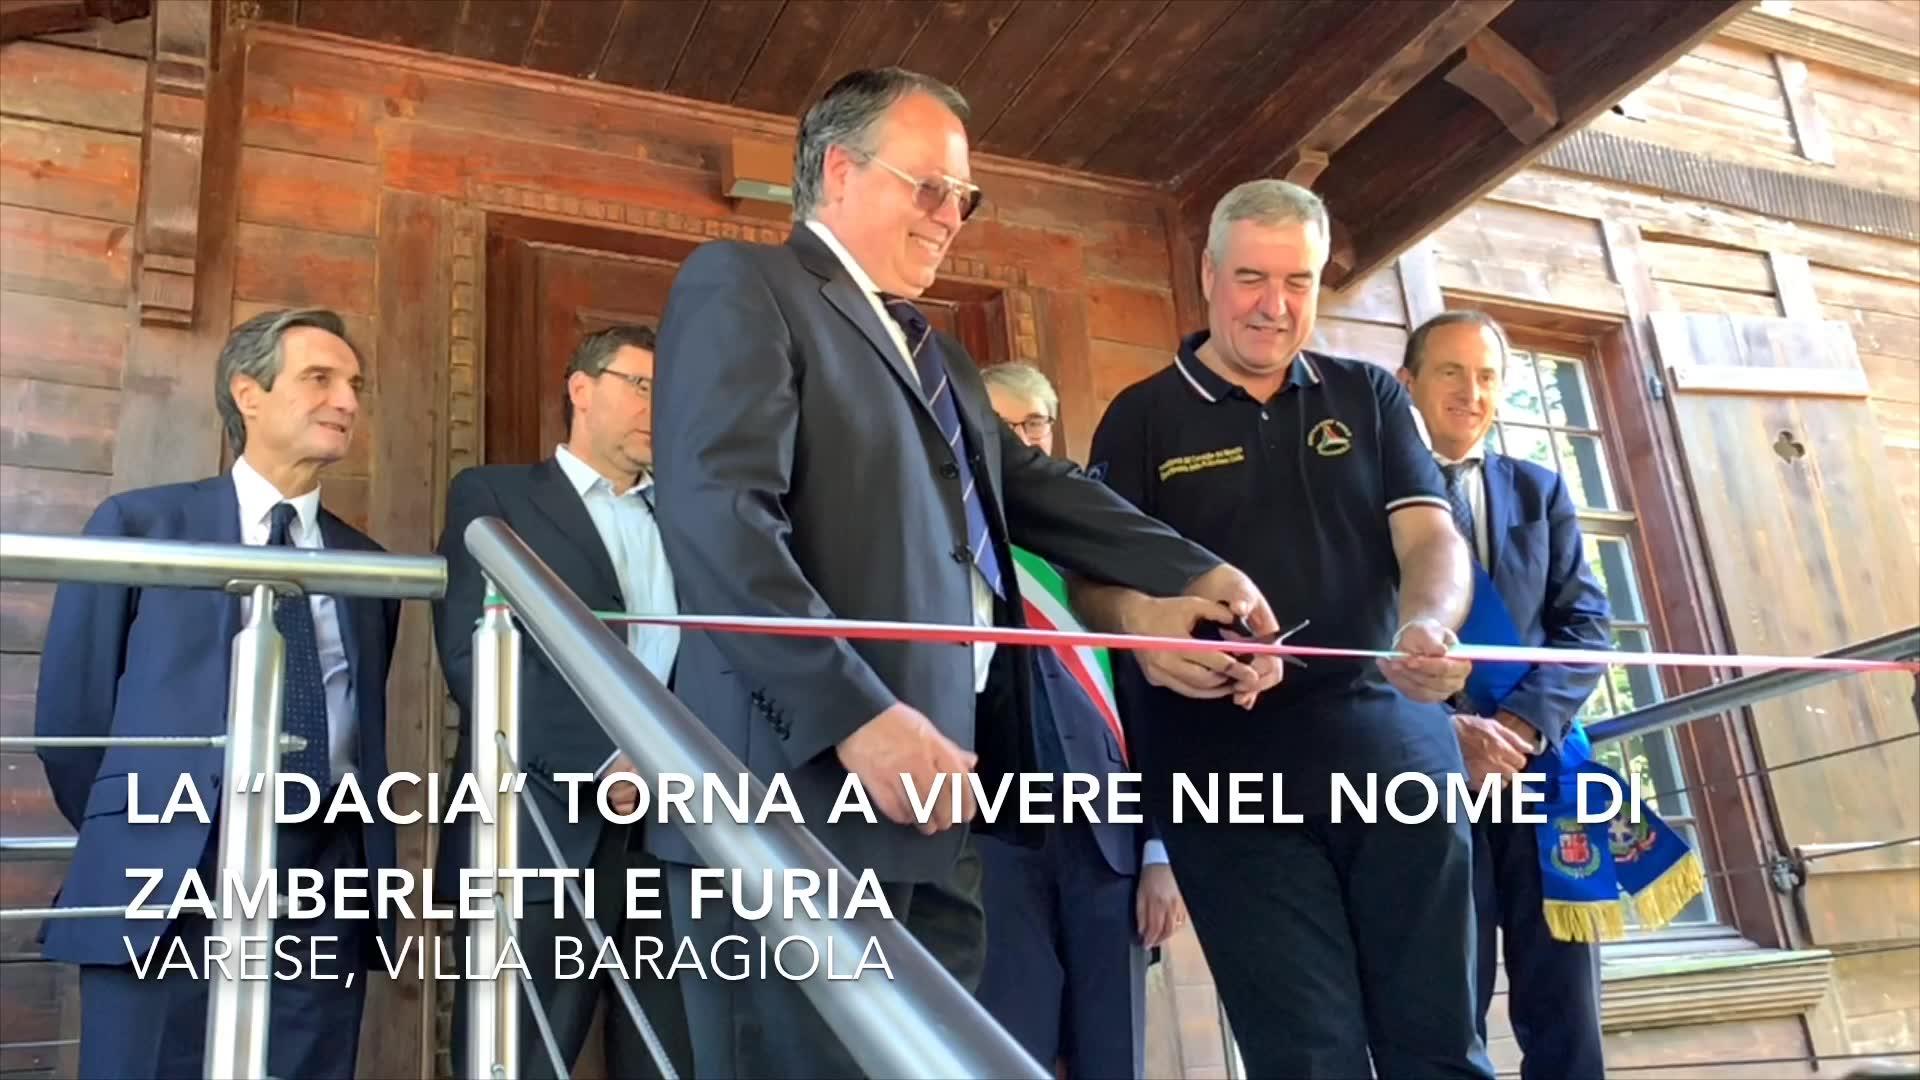 Video: La Dacia riprende vita, nel nome di Zamberletti e Furia